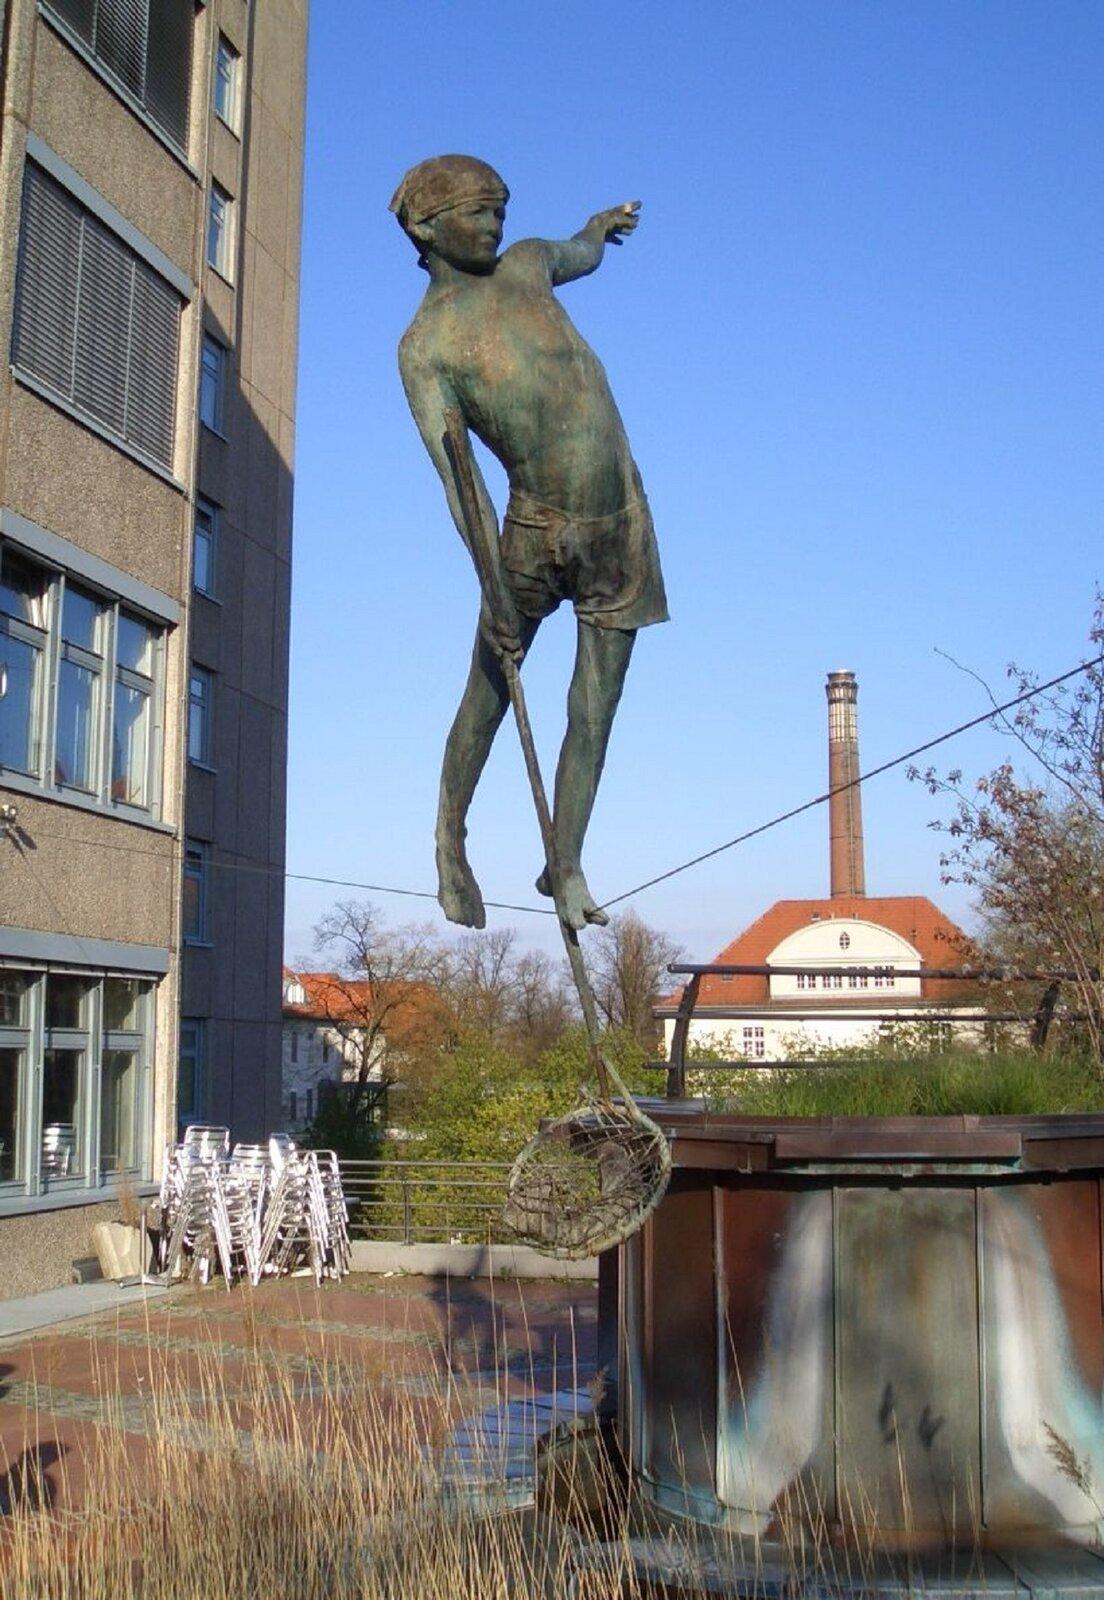 """Ilustracja przedstawia rzeźbę Jerzego Jotki Kędziory pt. """"Mały wędkarz"""". Dzieło przedstawia chłopca przechodzącego po linie nad zbiornikiem wodnym. Chłopiec wjednej ręce trzyma siatkę na ryby, drugą rękę ma wyciągniętą wbok, co pozwala mu na zachowanie równowagi."""